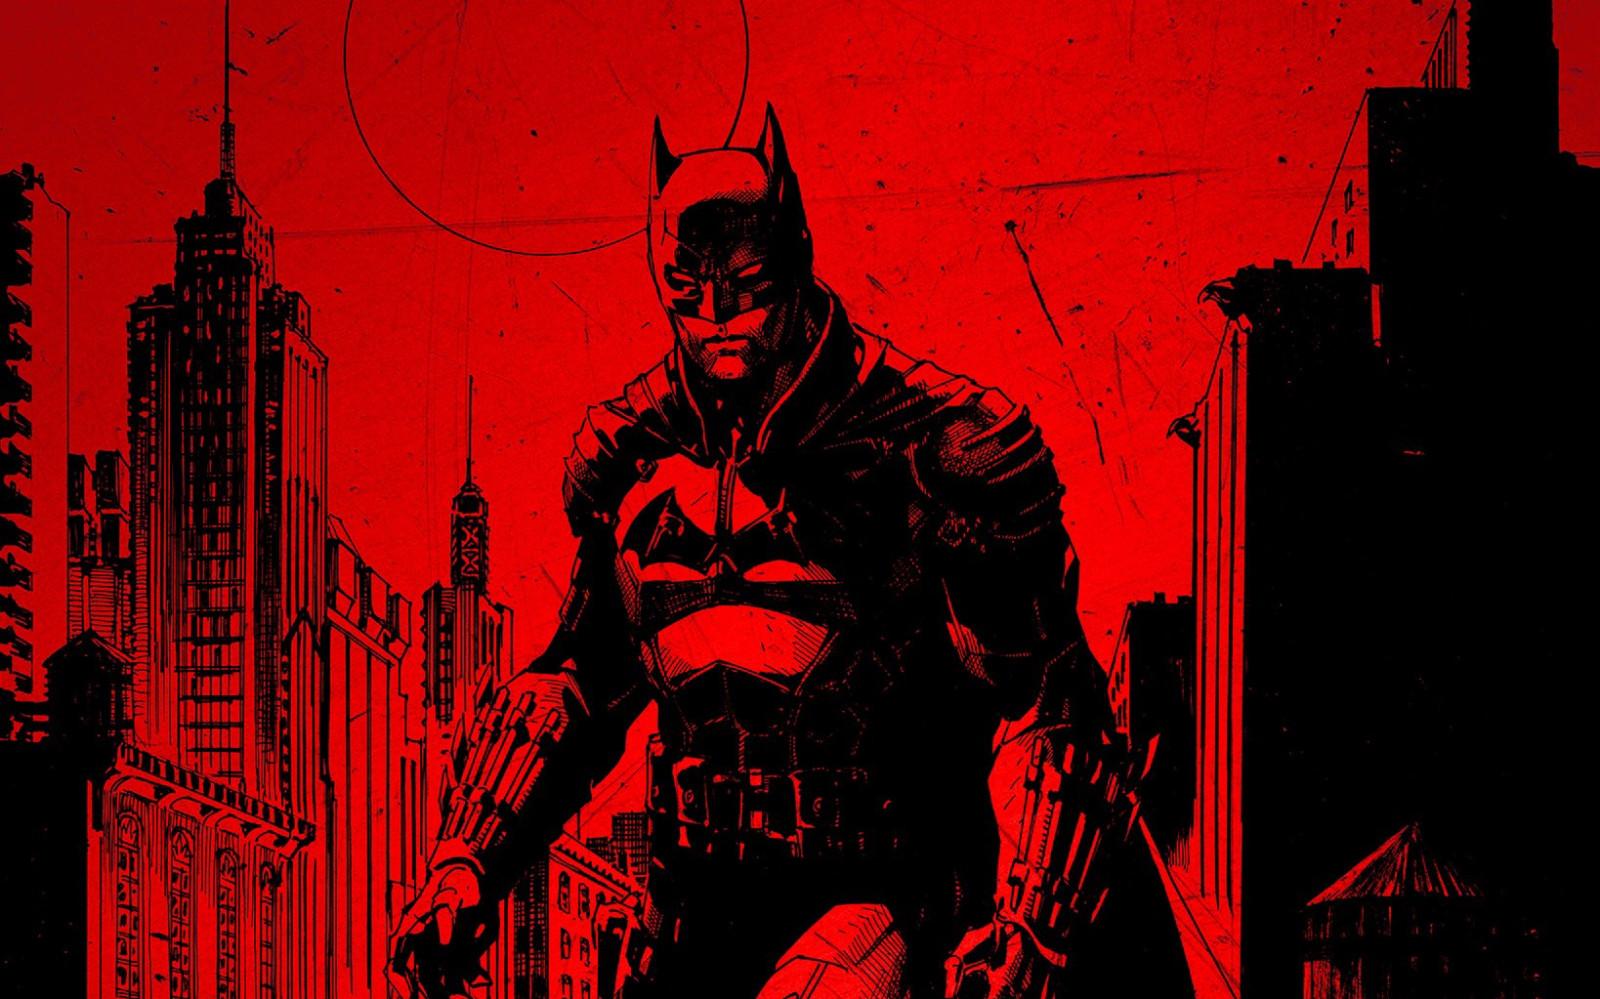 华纳兄弟影业旗下DC电影集体延期,新《蝙蝠侠》延期至2022年3月4日上映